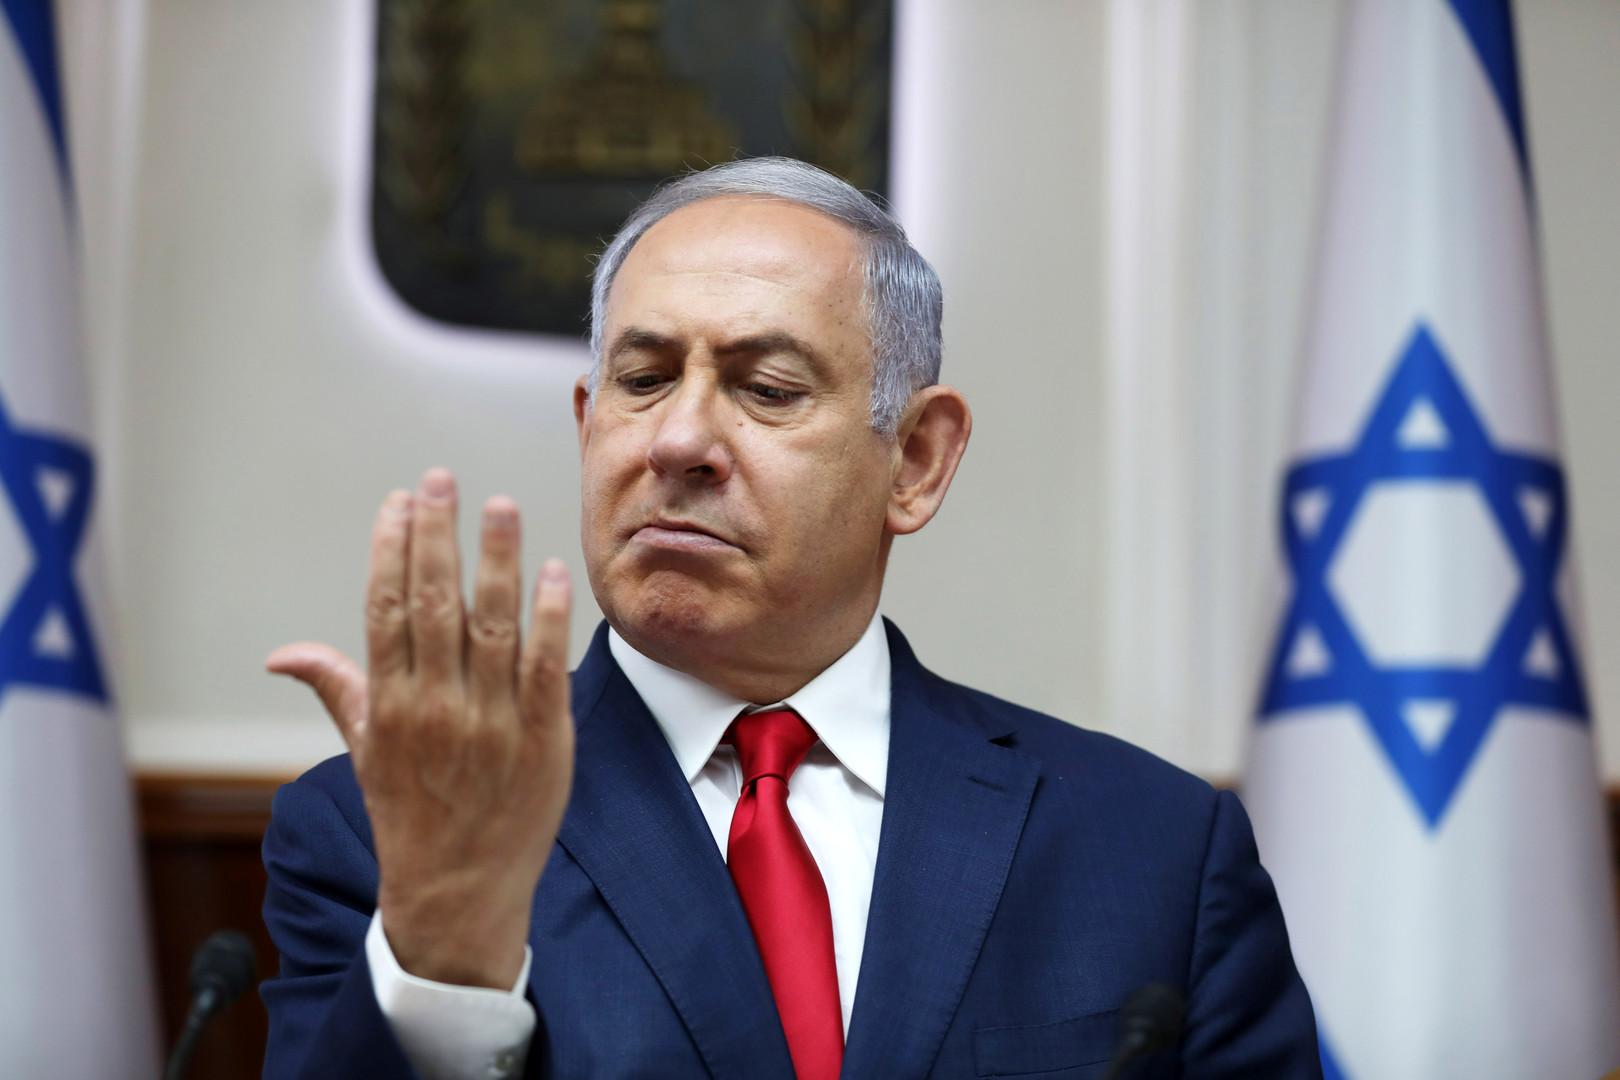 تقرير عبري: نتنياهو يكشف عن خليفتين محتملين له